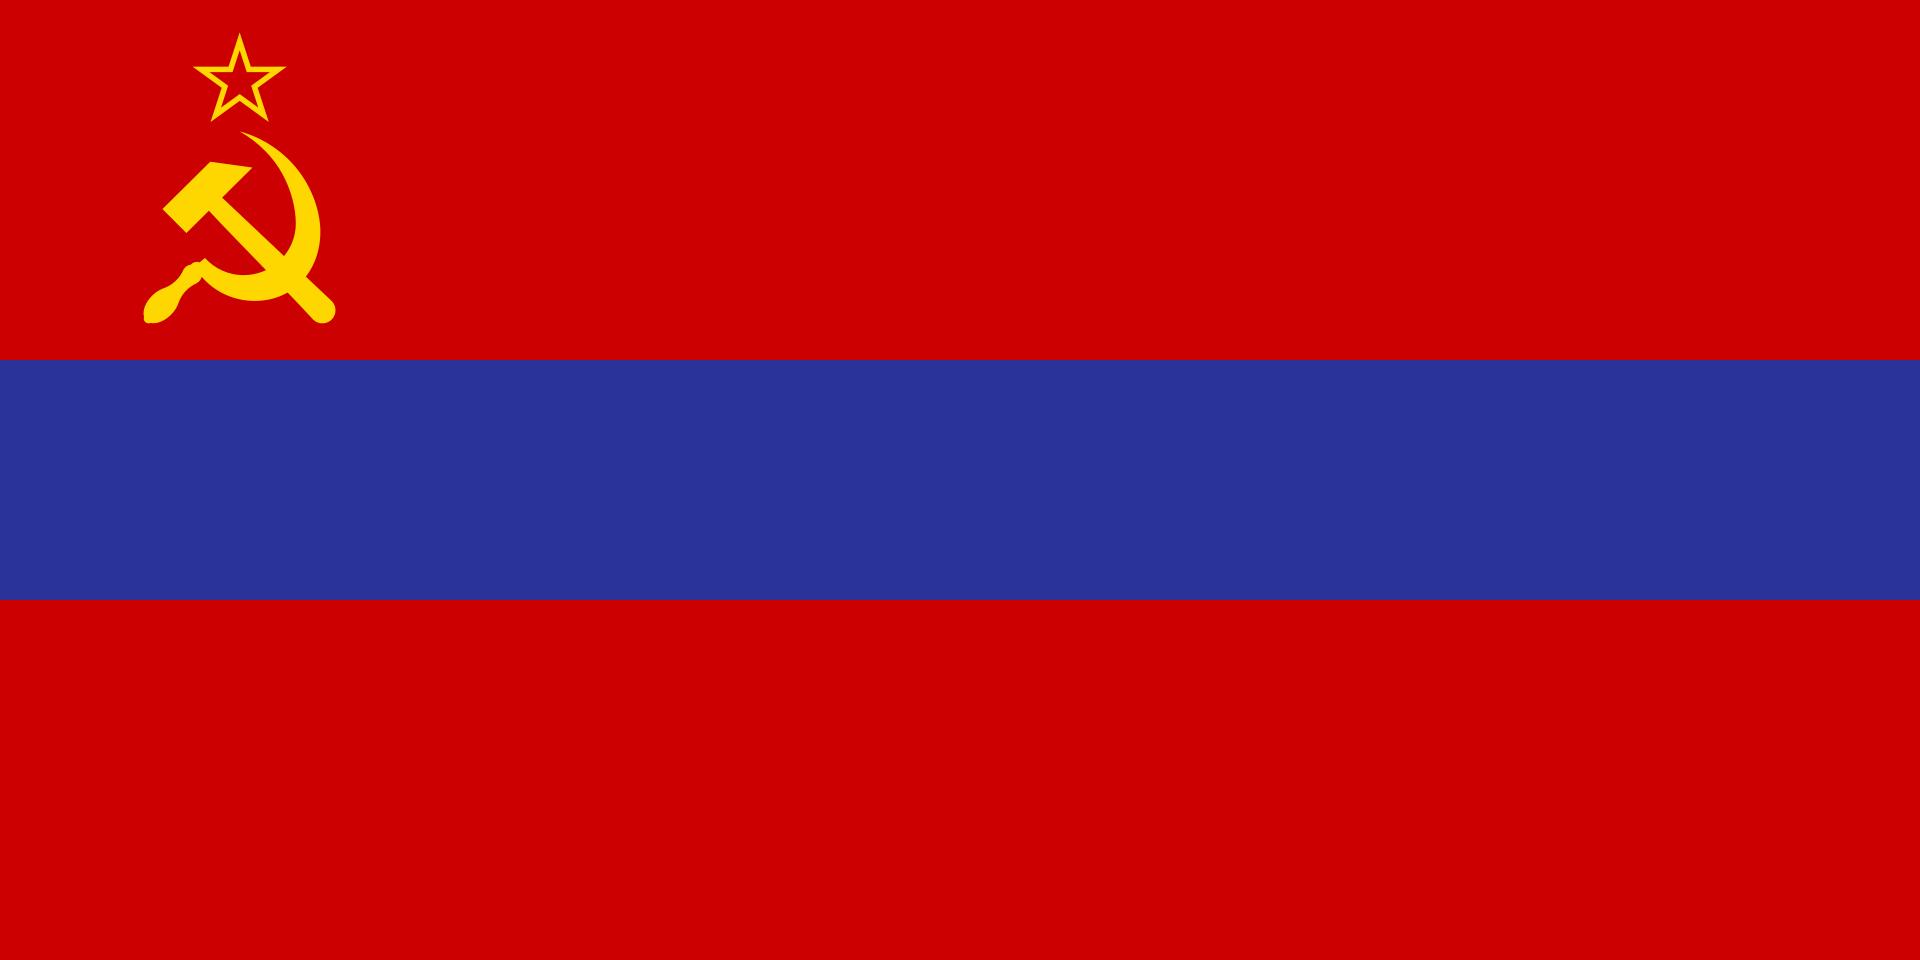 علم جمهورية أرمينيا الاشتراكية السوفيتية